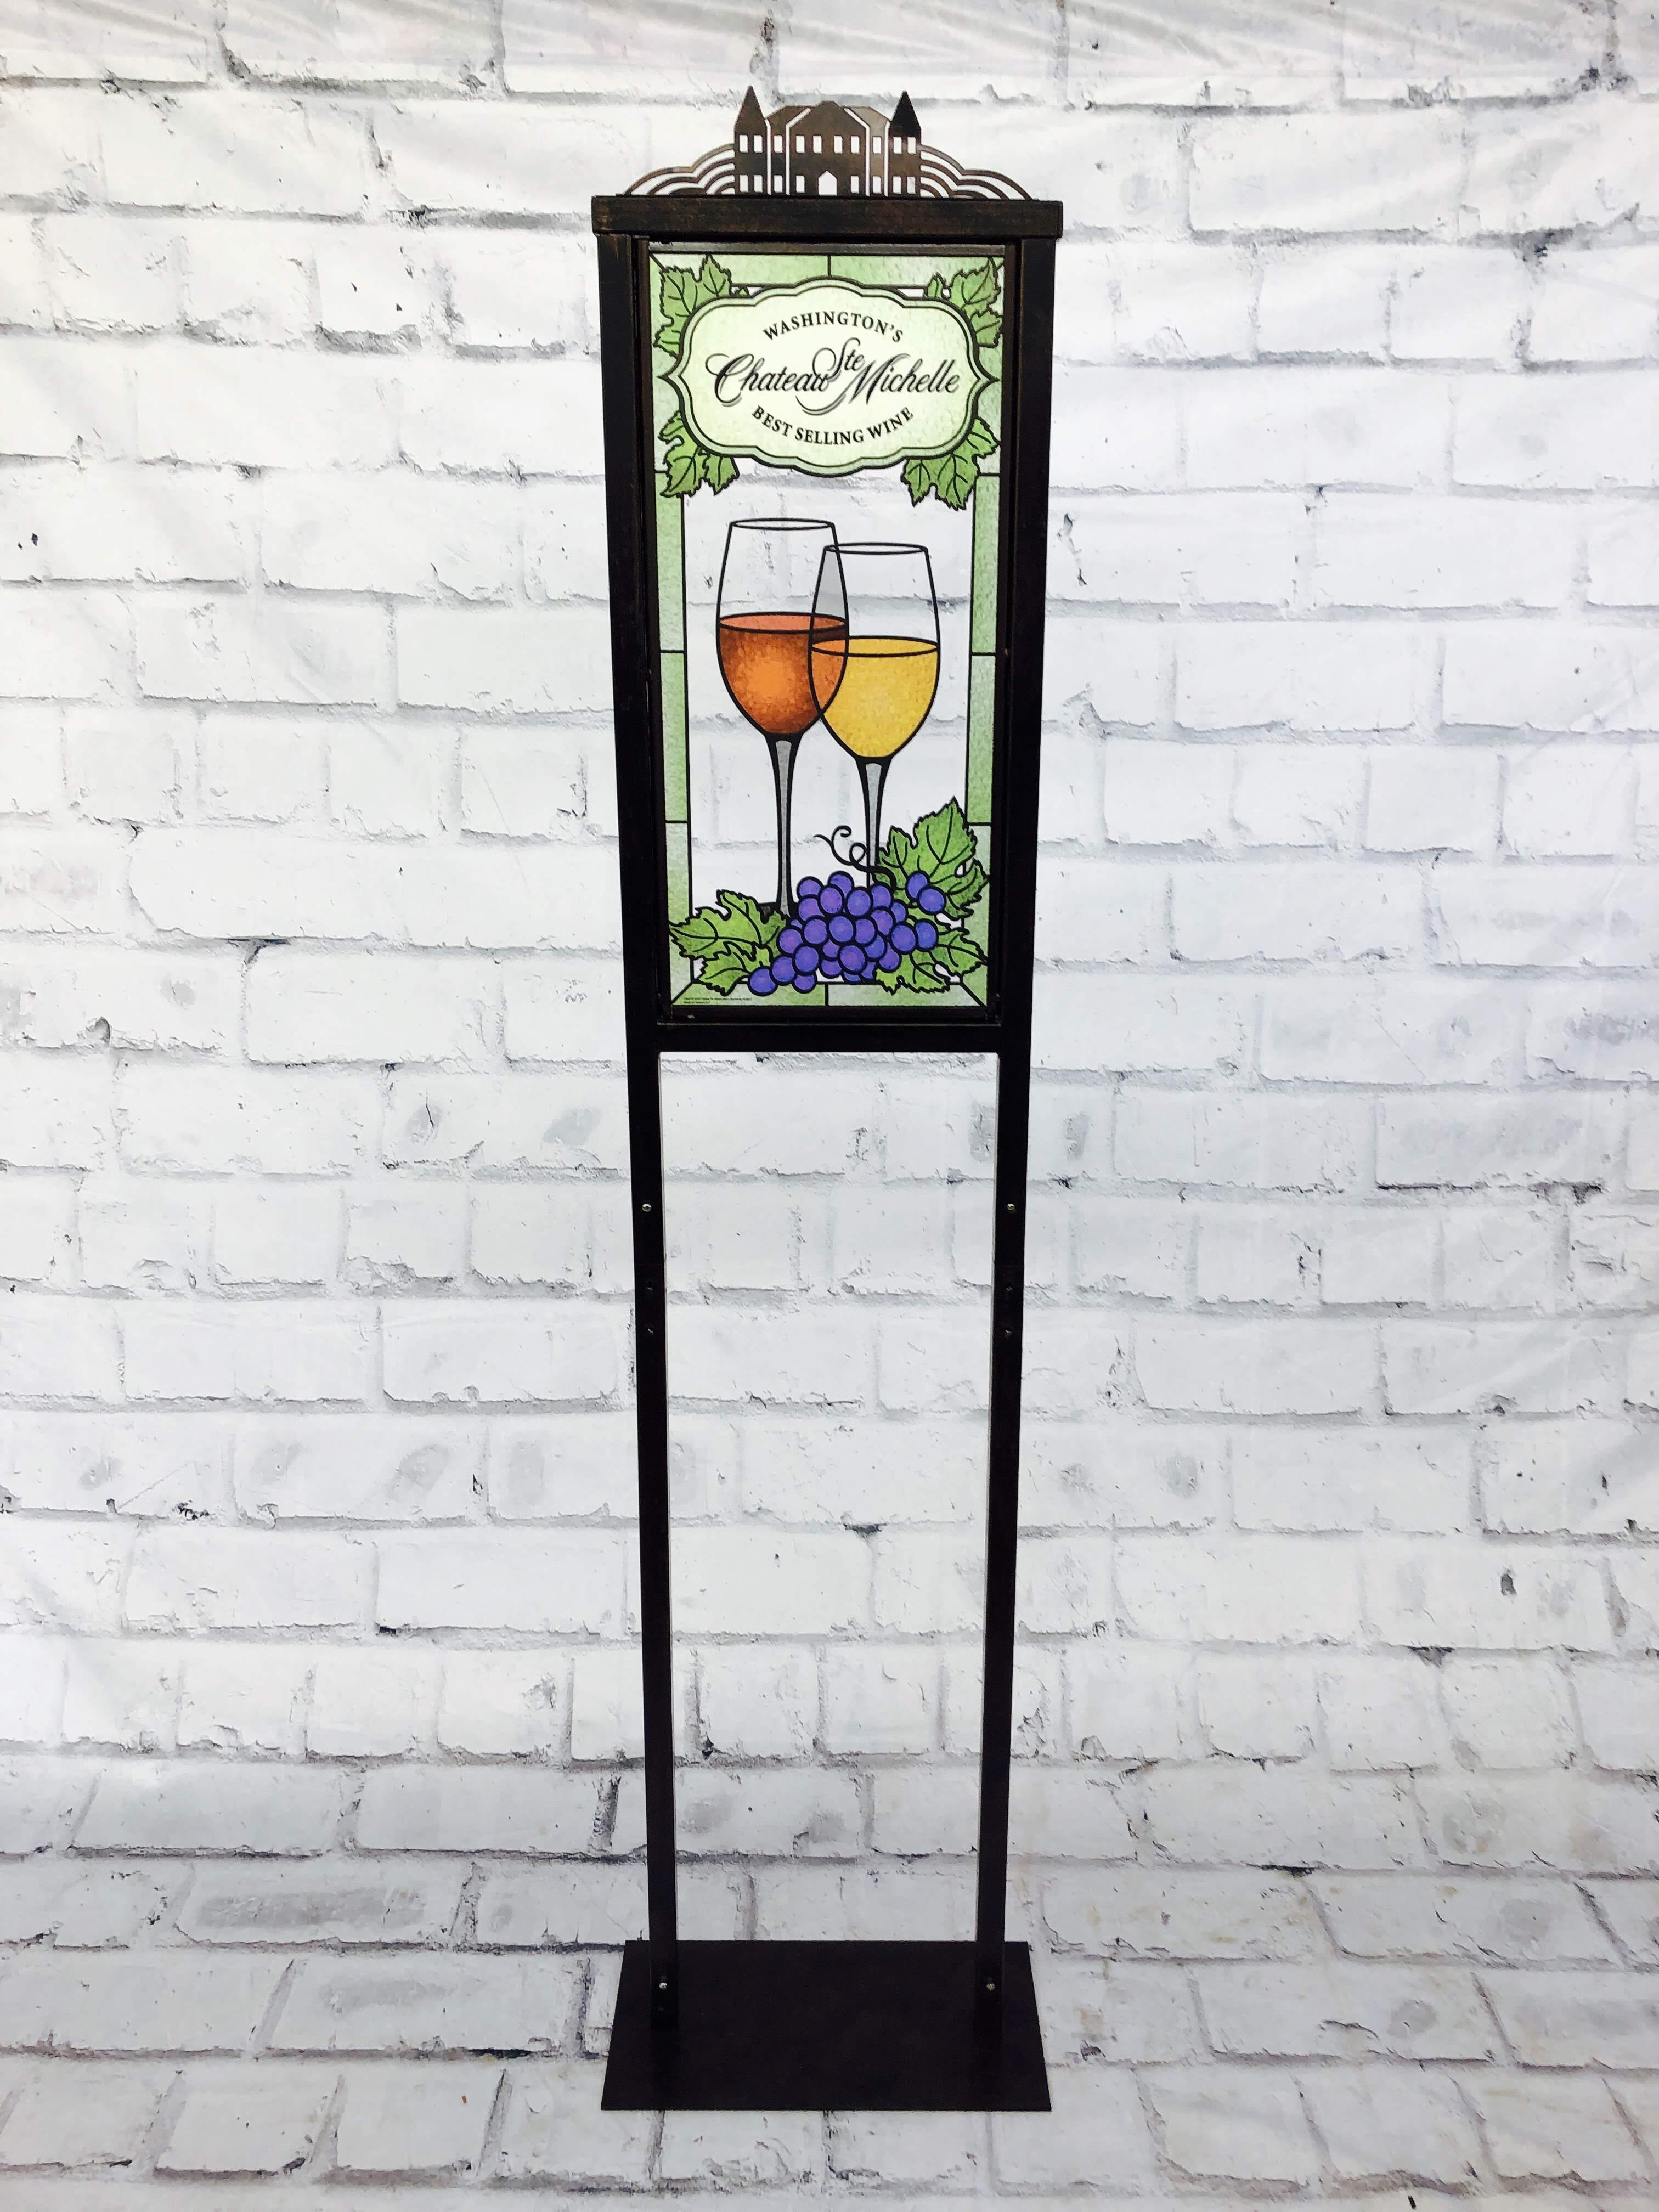 品番0309 サイン 『 Chateau Ste. Michelle(シャトー サン ミッシェル)』 ステンドグラス スタンド 壁掛 看板 アメリカン雑貨